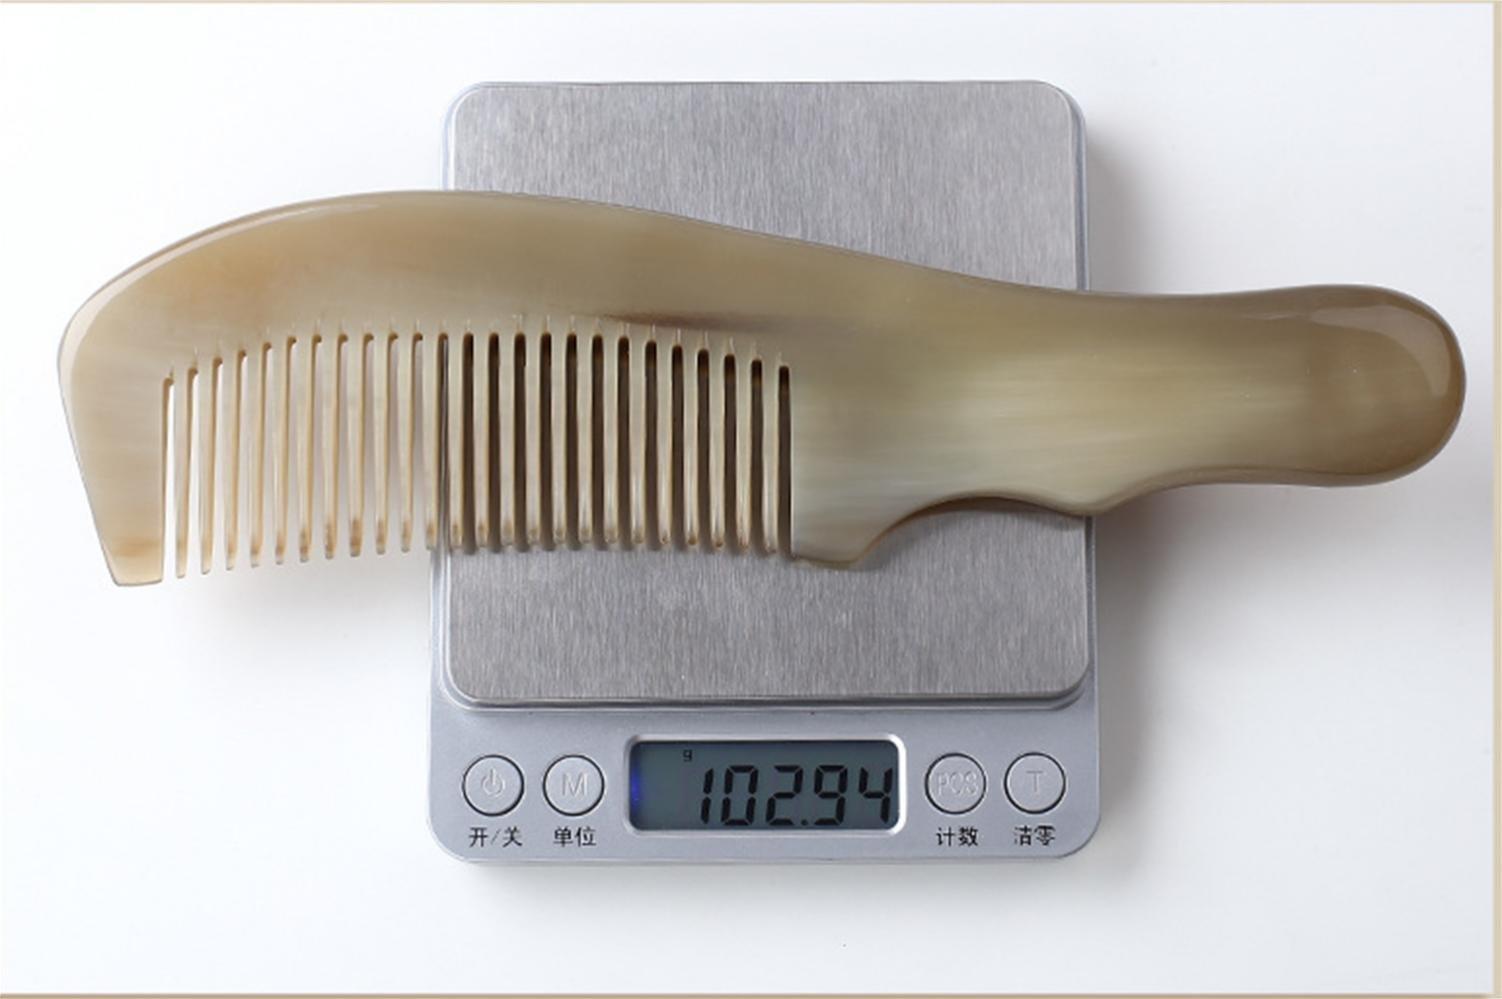 GuiXinWeiHeng Handmade white horns comb comb by GuiXinWeiHeng (Image #2)